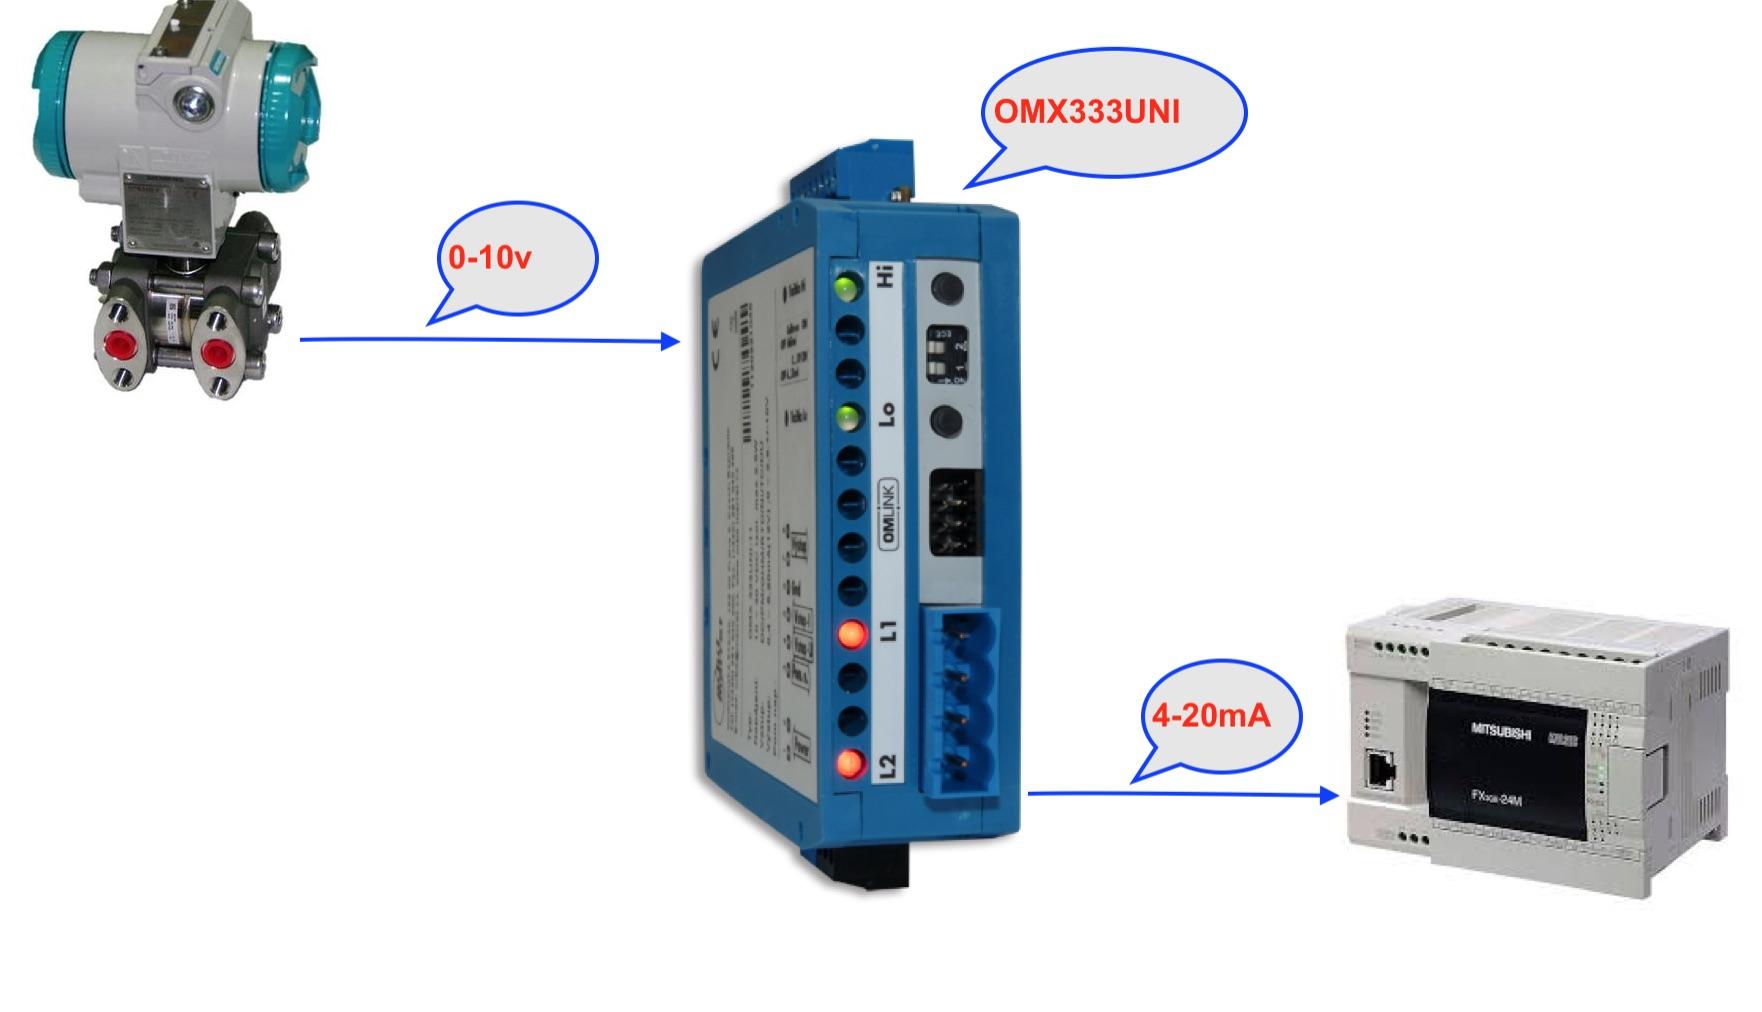 Ứng dụng bộ chuyển tín hiệu OMX333UNI